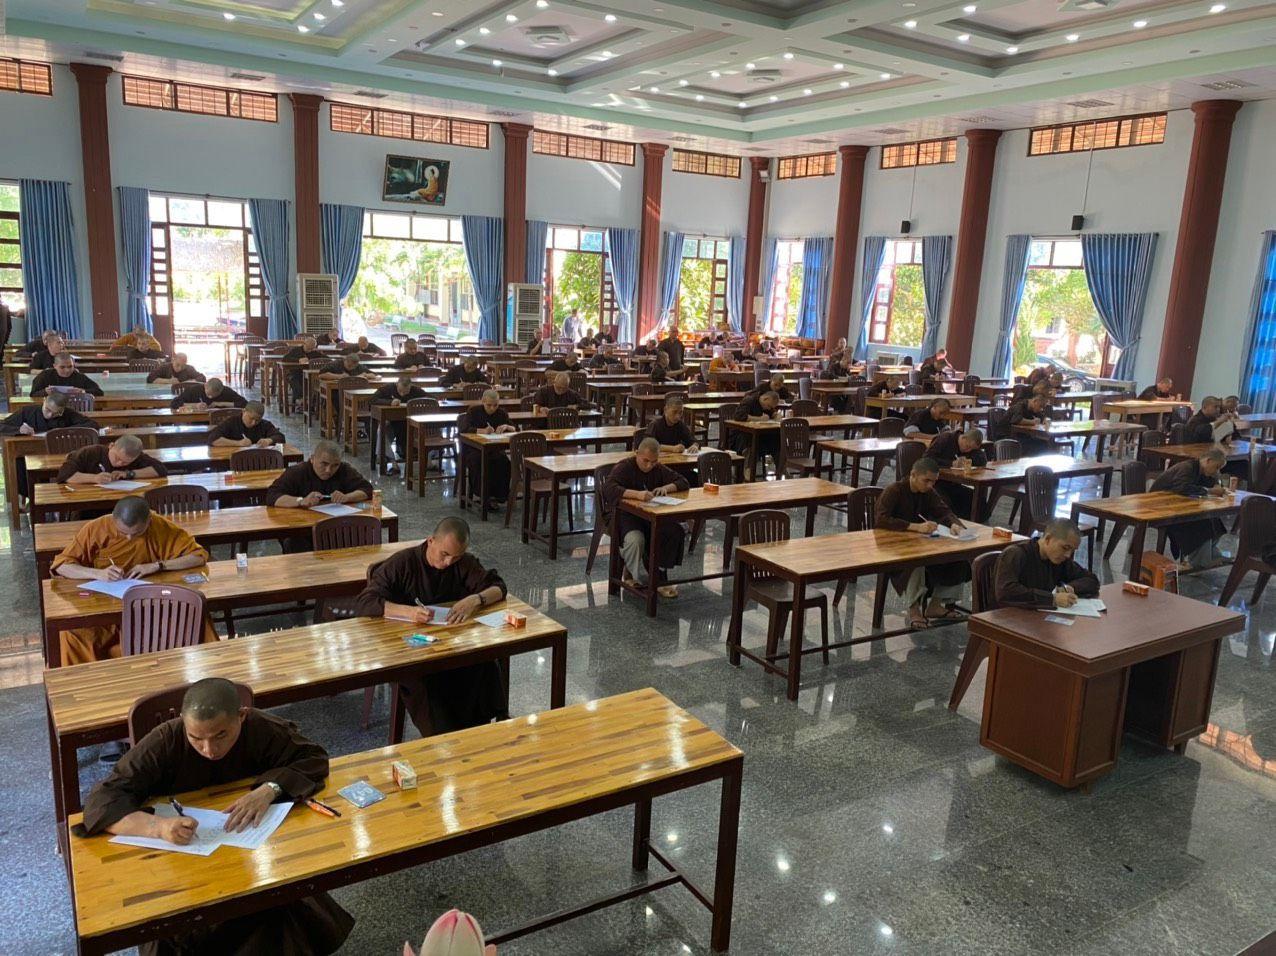 Trường TCPH Bình Định tổ chức kỳ thi tốt nghiệp khoá 8